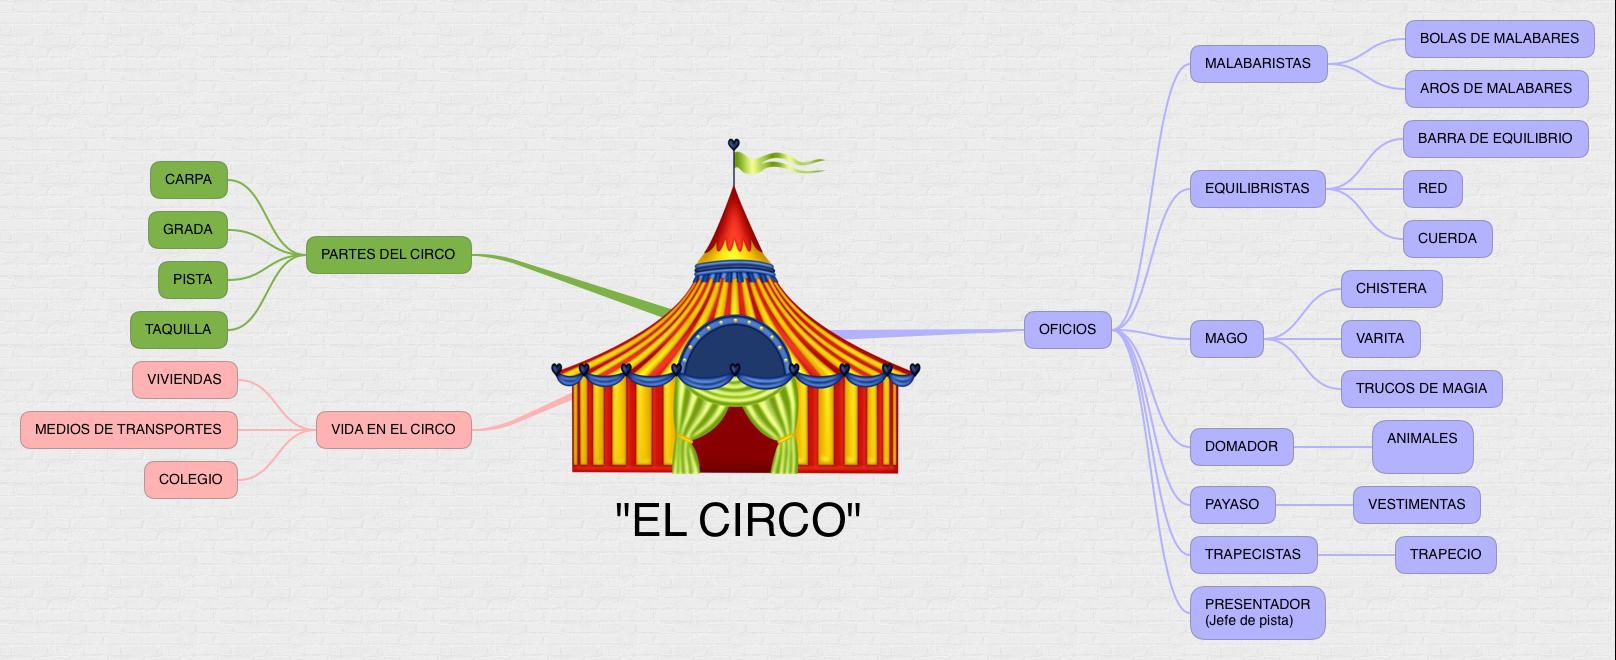 PROYECTO_EL CIRCO_4